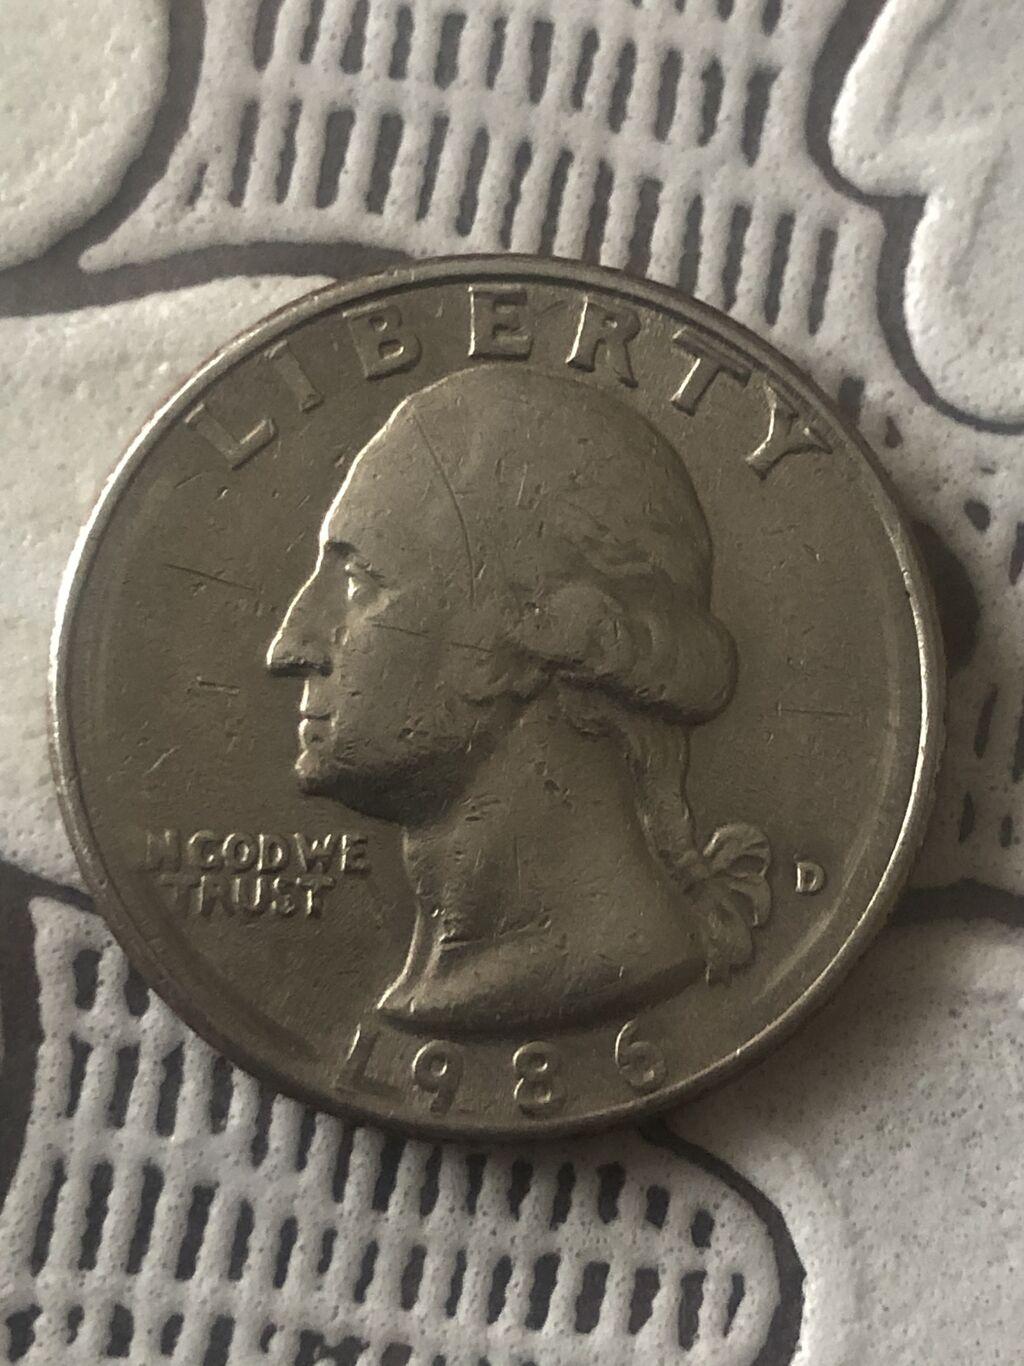 Монета 25 центов США Quarter Dollar  Перевёртыш 1986 года: Монета 25 центов США Quarter Dollar  Перевёртыш 1986 года